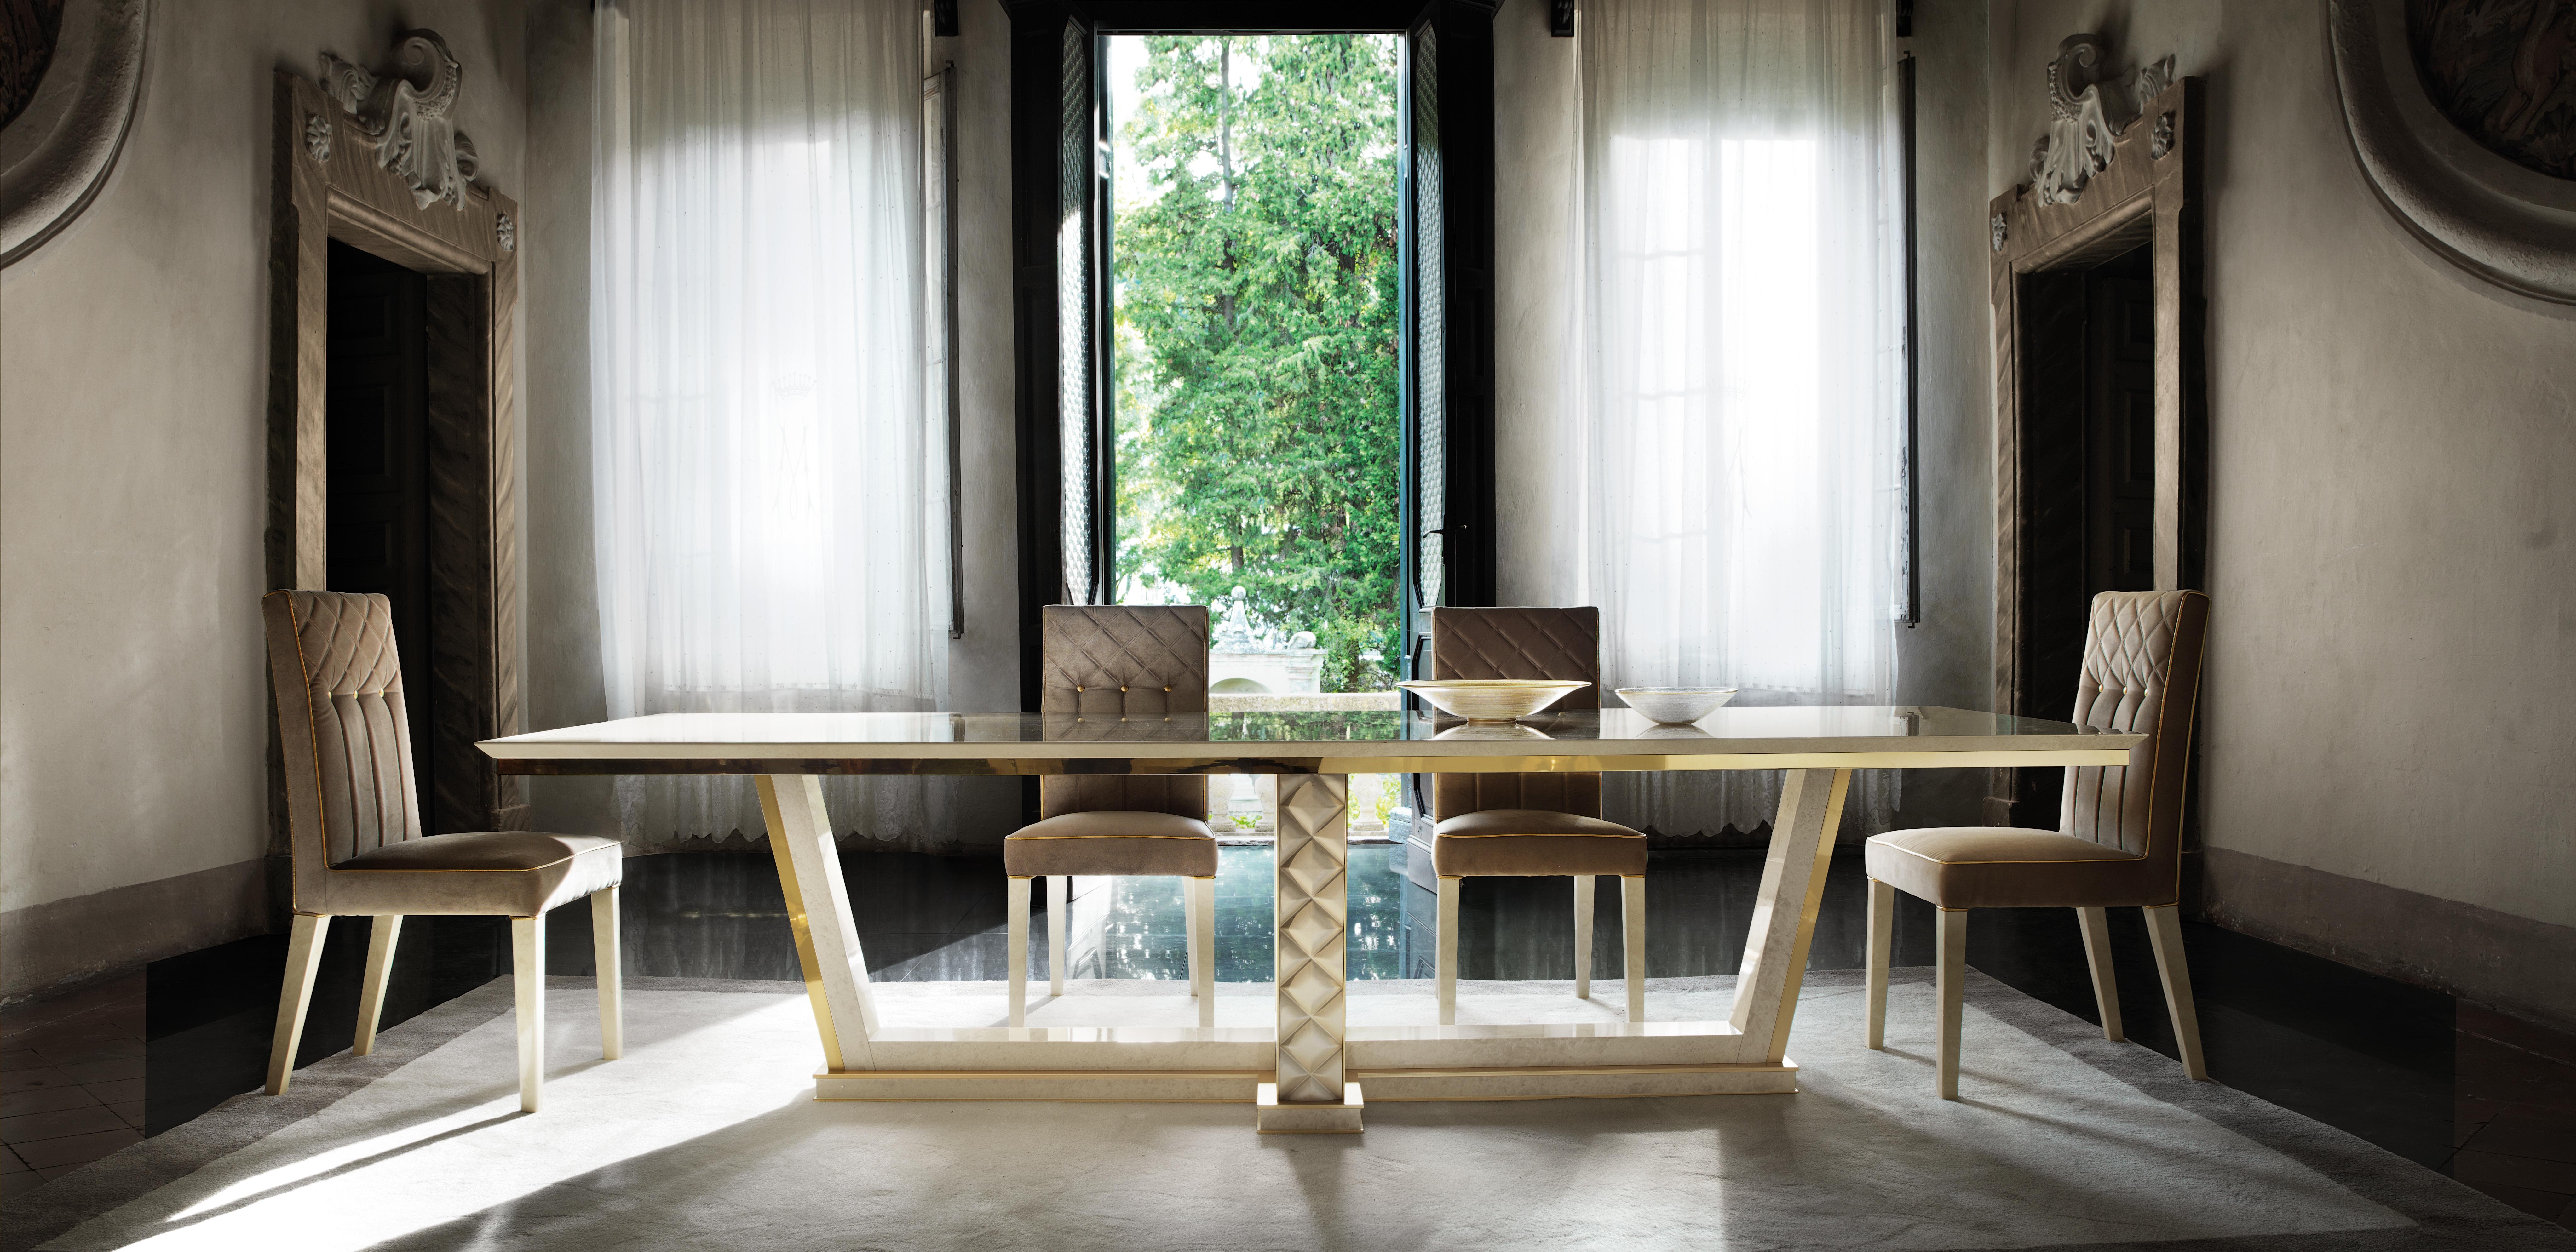 Mesa de Comedor 4 Sillas Rococó Barroco Estilo Art Nouveau Real Lujo Mueble  | eBay